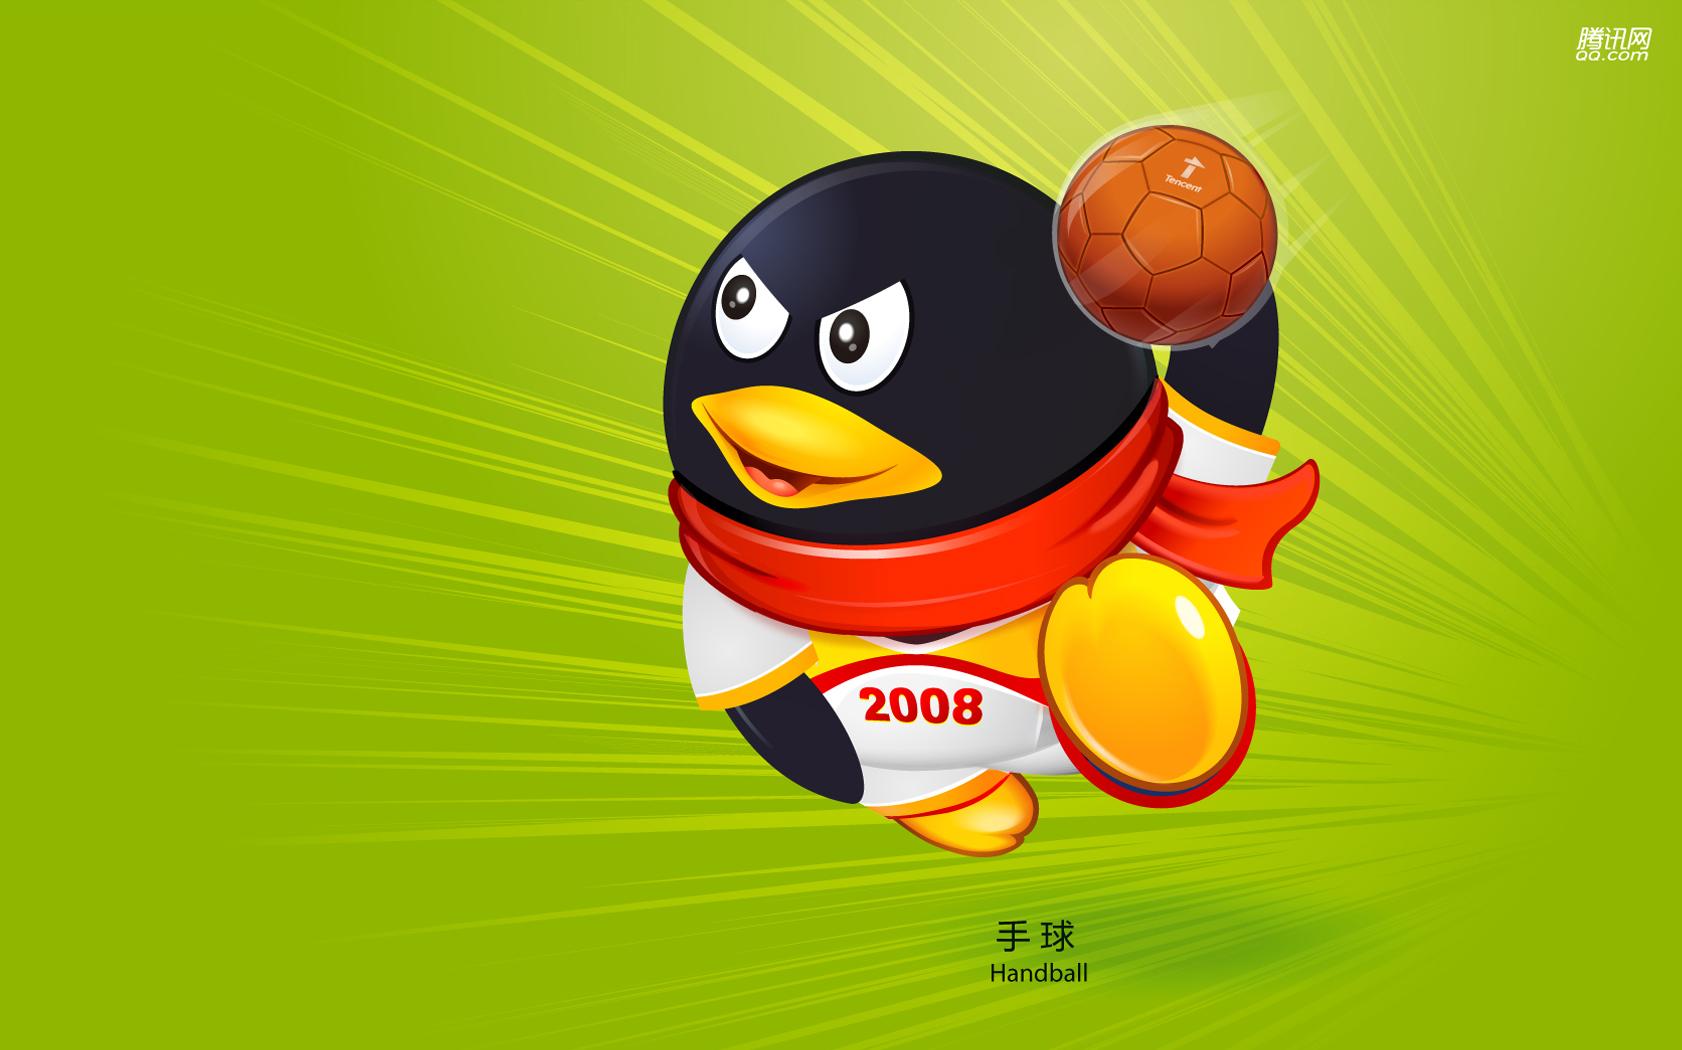 Пекин олимпиада 2008, символ, пингвин, гандбол, скачать фото, обои для рабочего стола